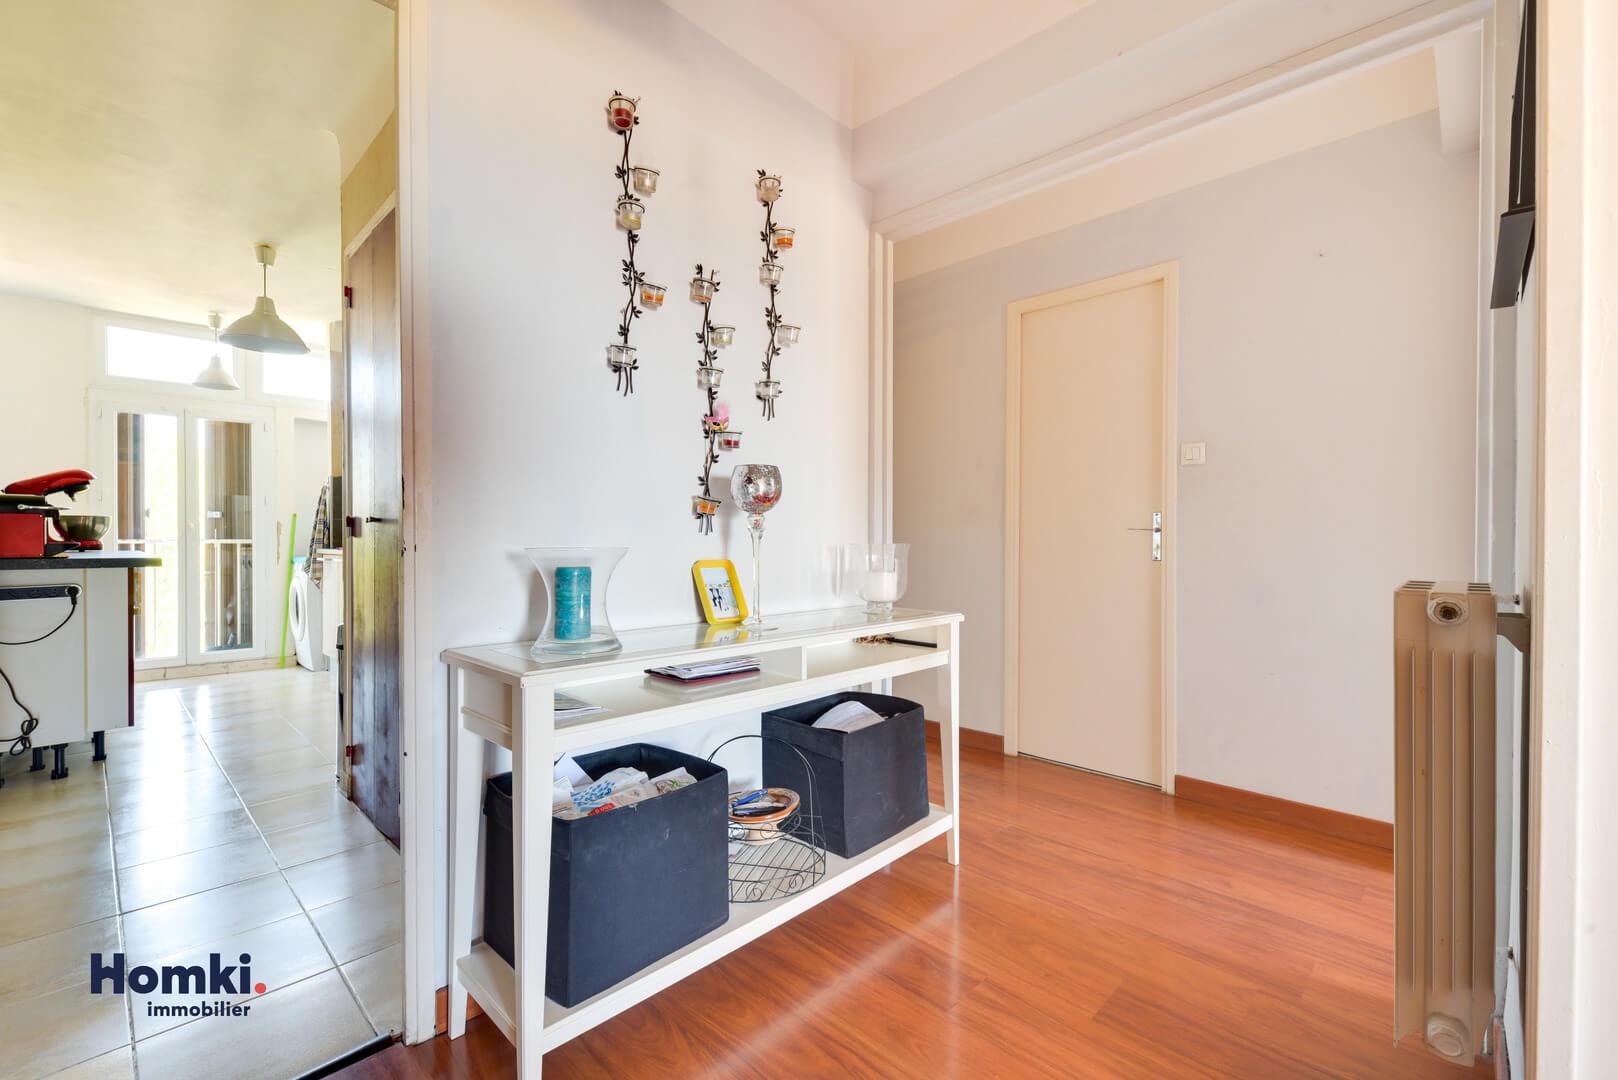 Vente Appartement 54 m² T3 13015_4